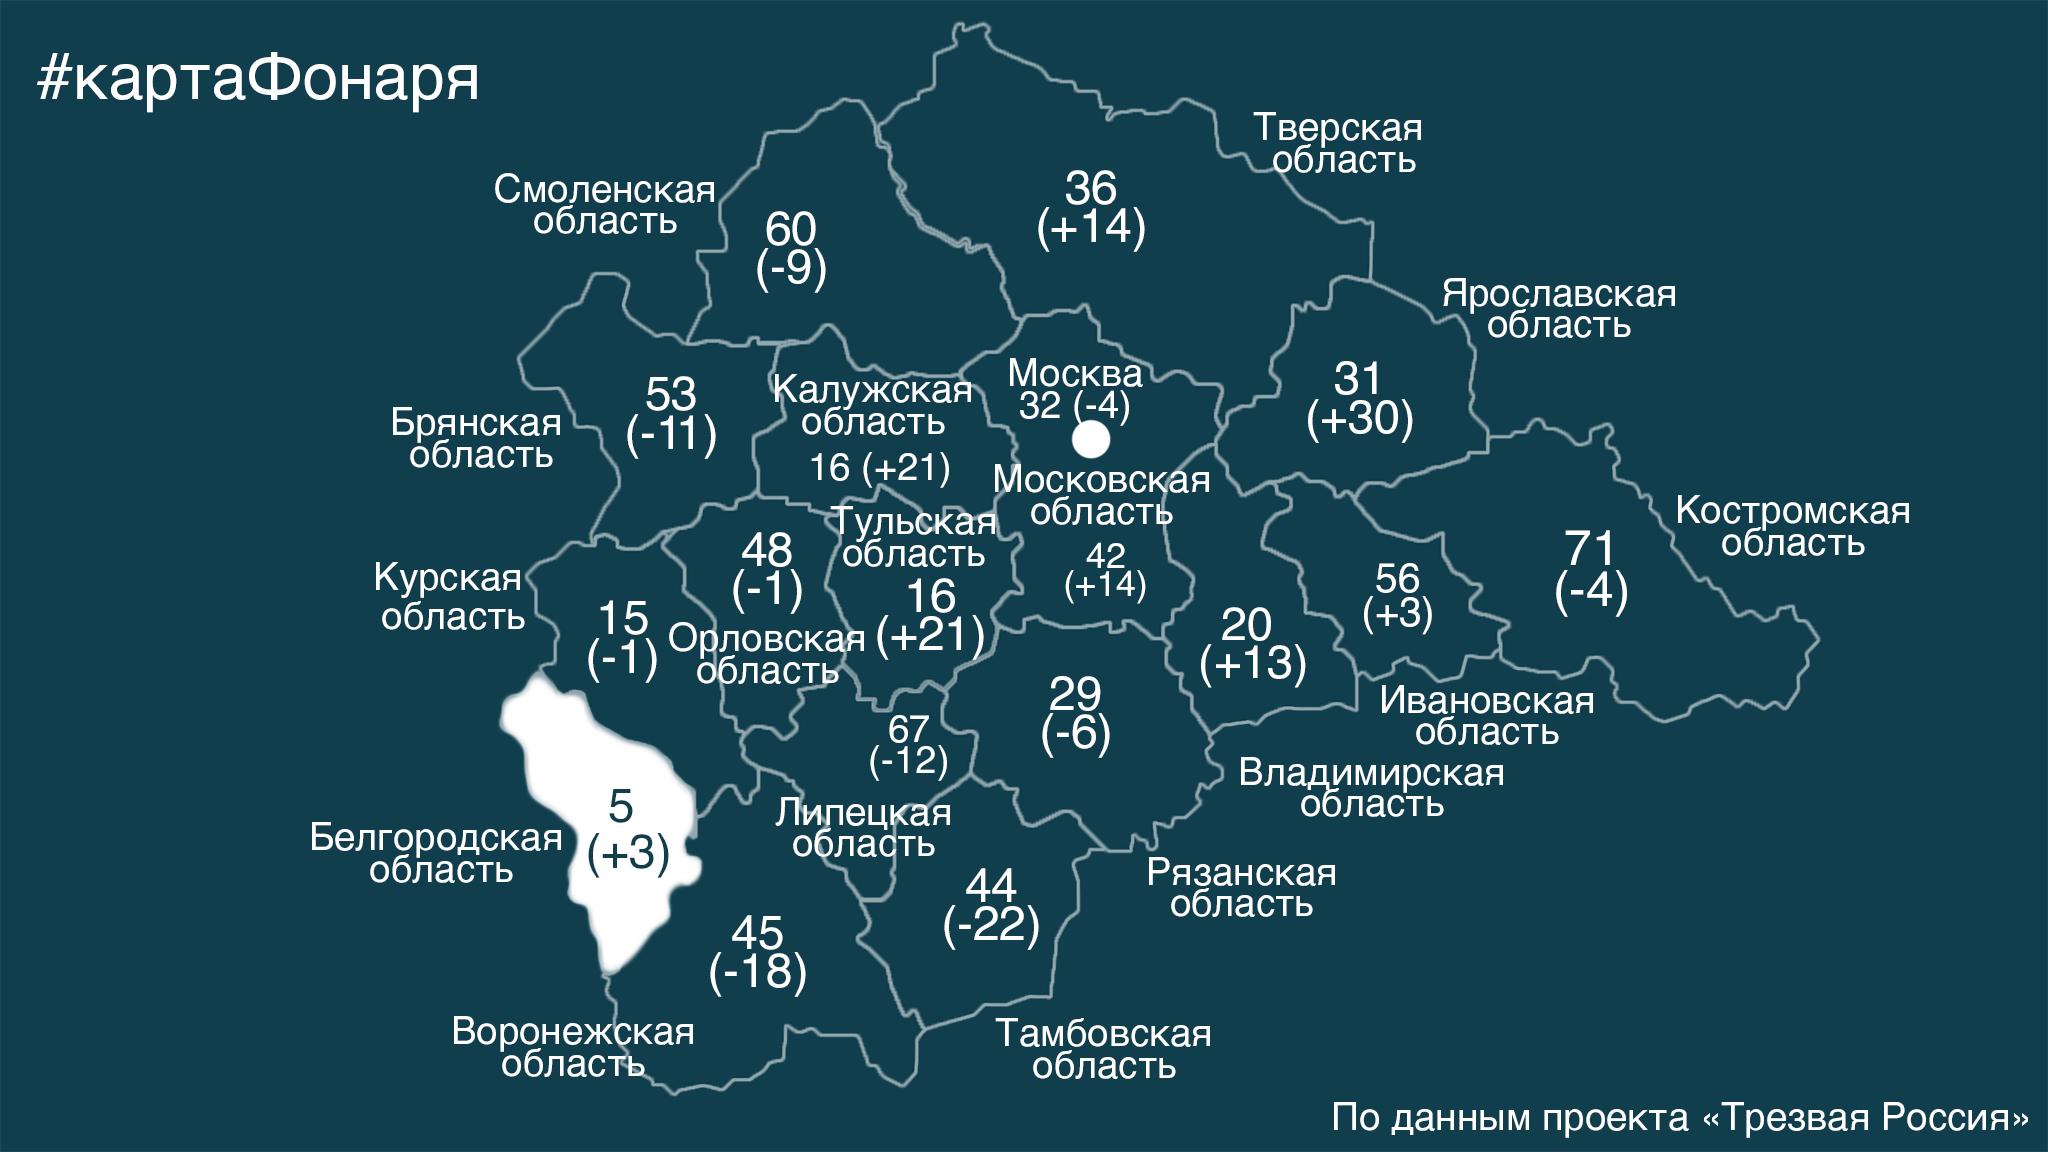 Белгородская область вошла в пятёрку самых «трезвых» регионов России